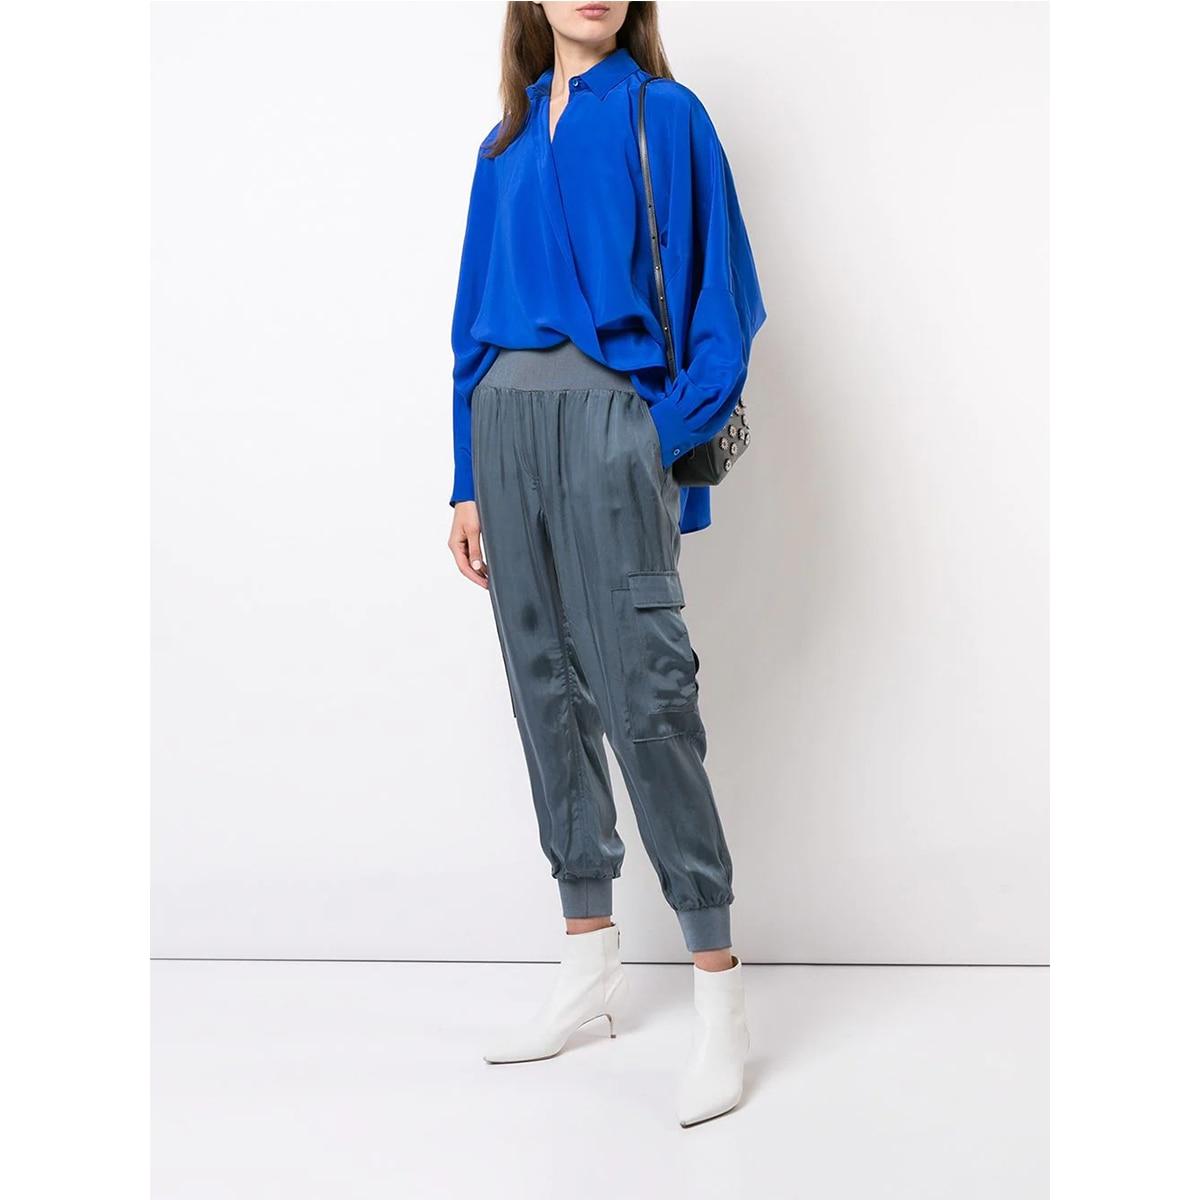 Женские брюки стрейч, повседневные зауженные брюки до щиколотки, спортивные брюки-карго, Осень-зима 2021